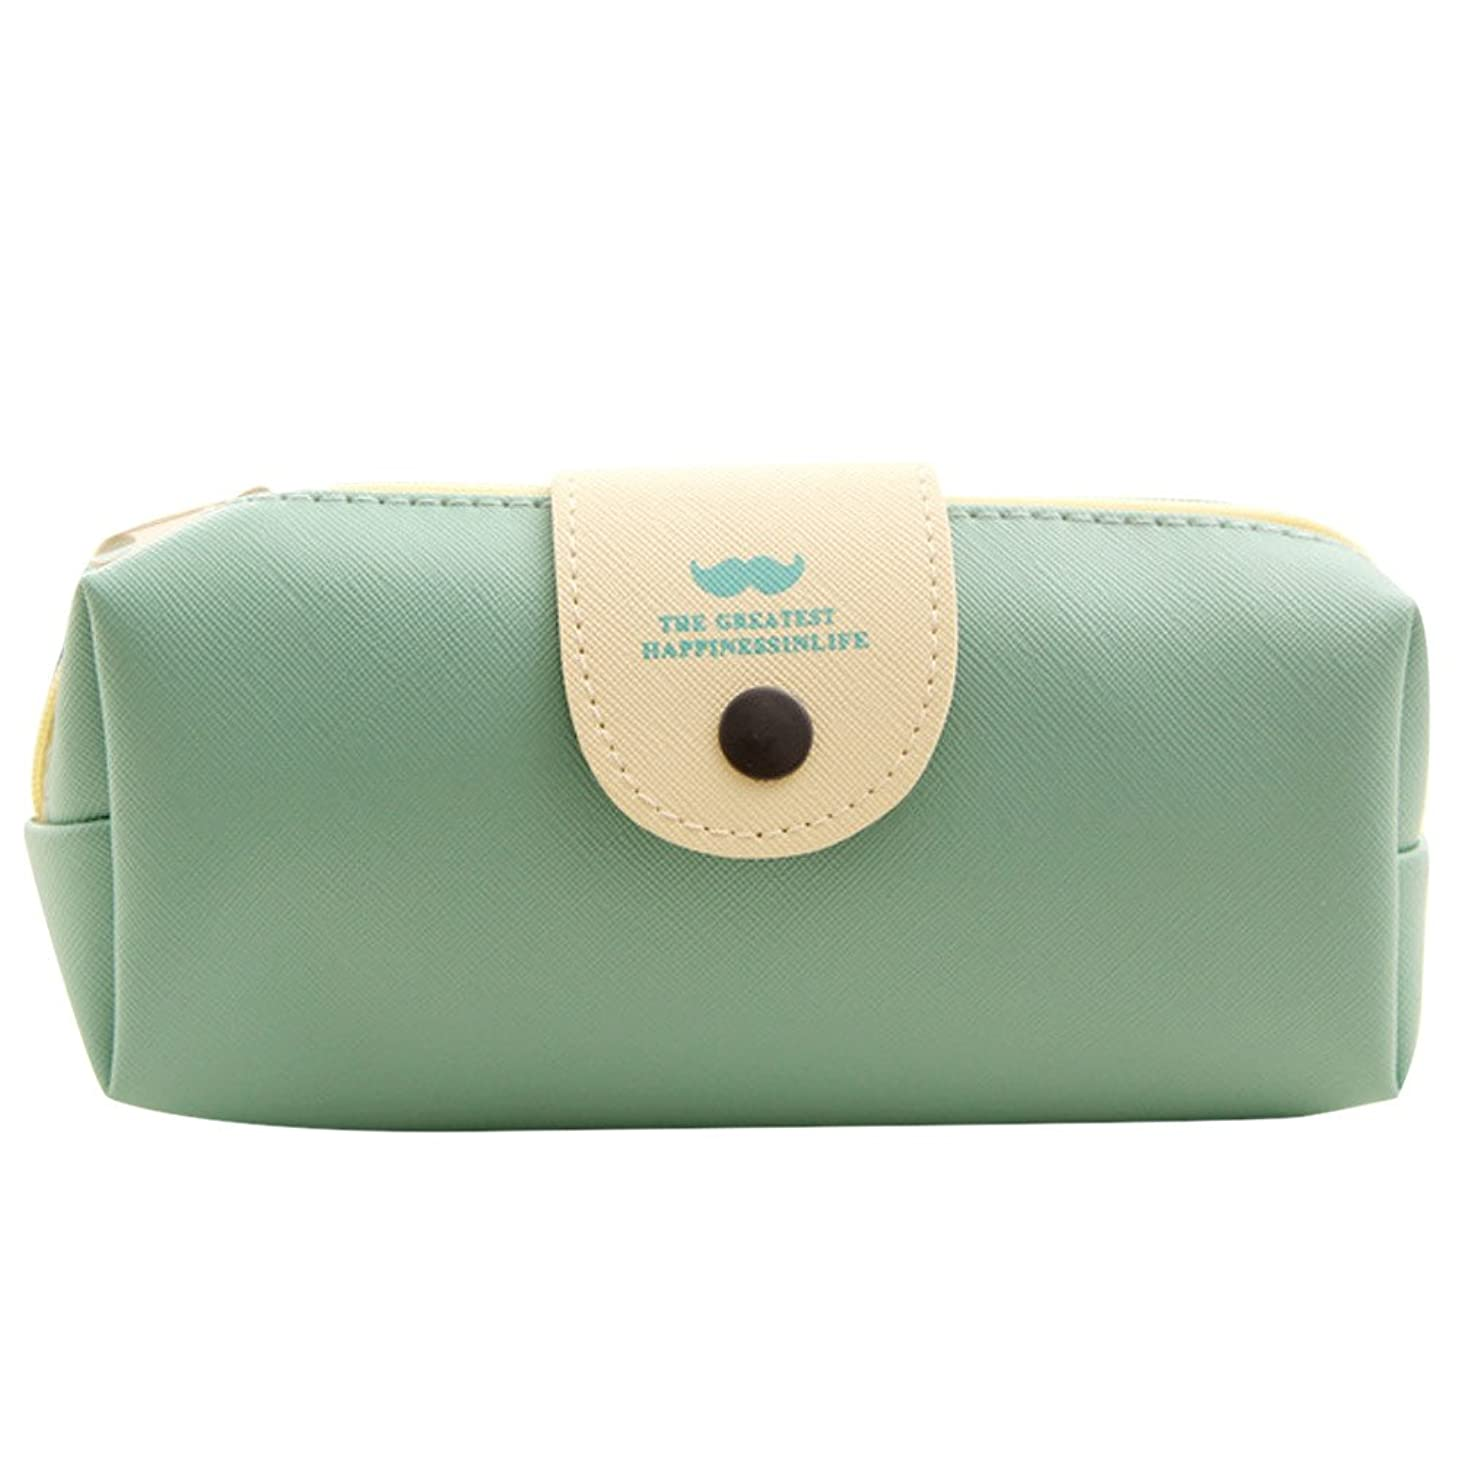 引き出しサラダパークファッションレザー化粧品化粧バッグペンペンシル文房具ケースジッパーポーチかわいいボックス。 (Blue)